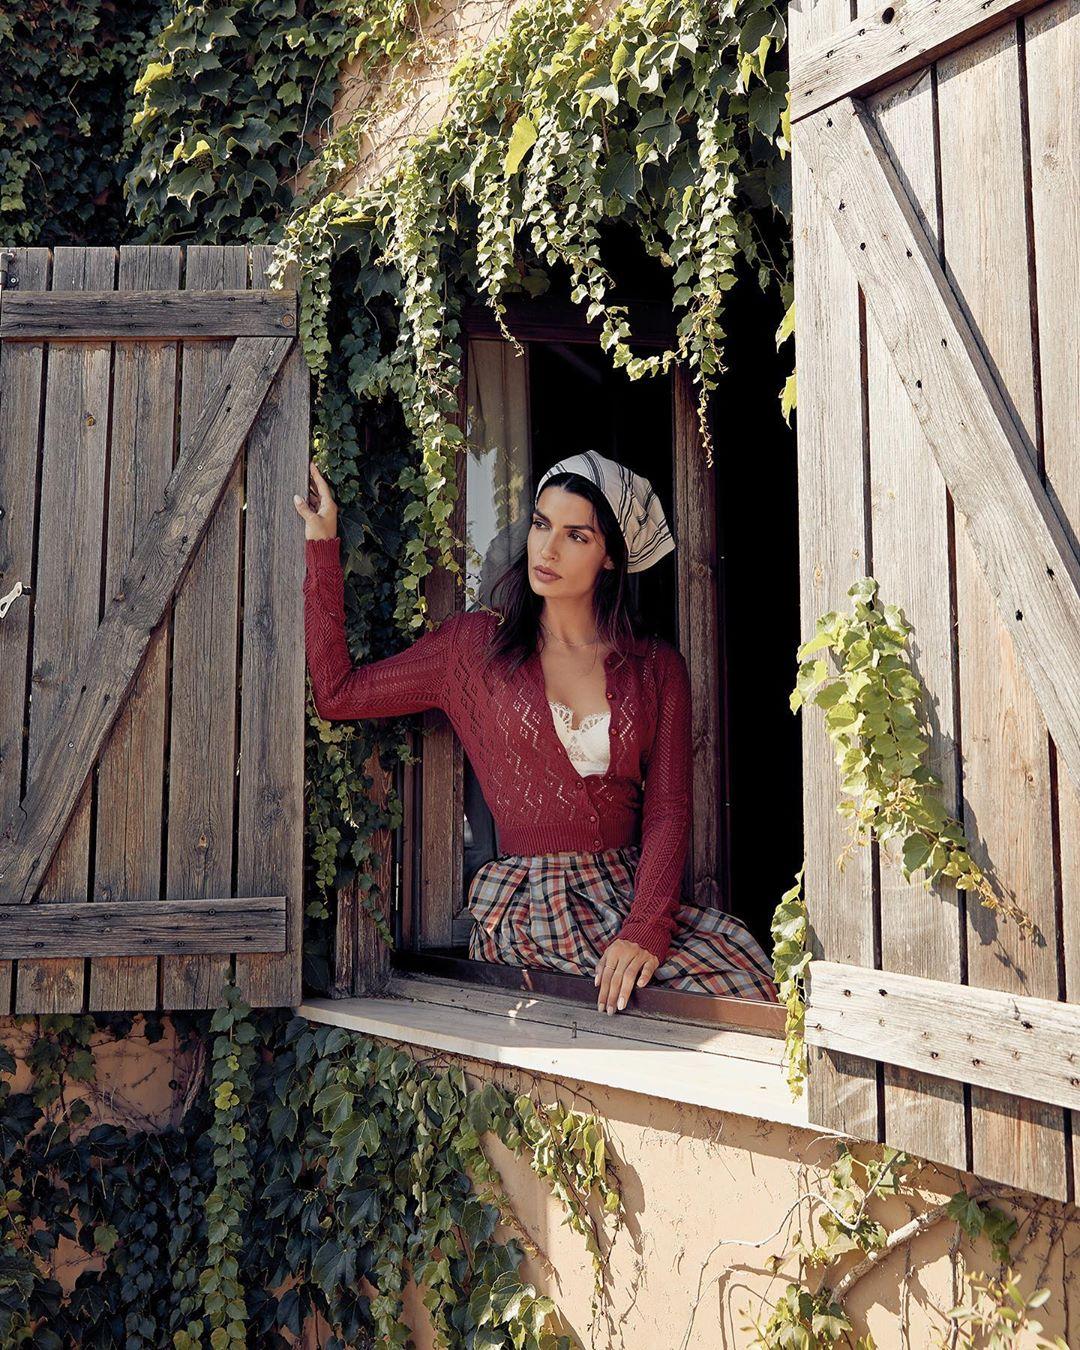 Τόνια Σωτηροπούλου: Μιλά για τον Κωστή Μαραβέγια, το μεγαλύτερο όνειρό της και το ενδεχόμενο της οικογένειας [pics]